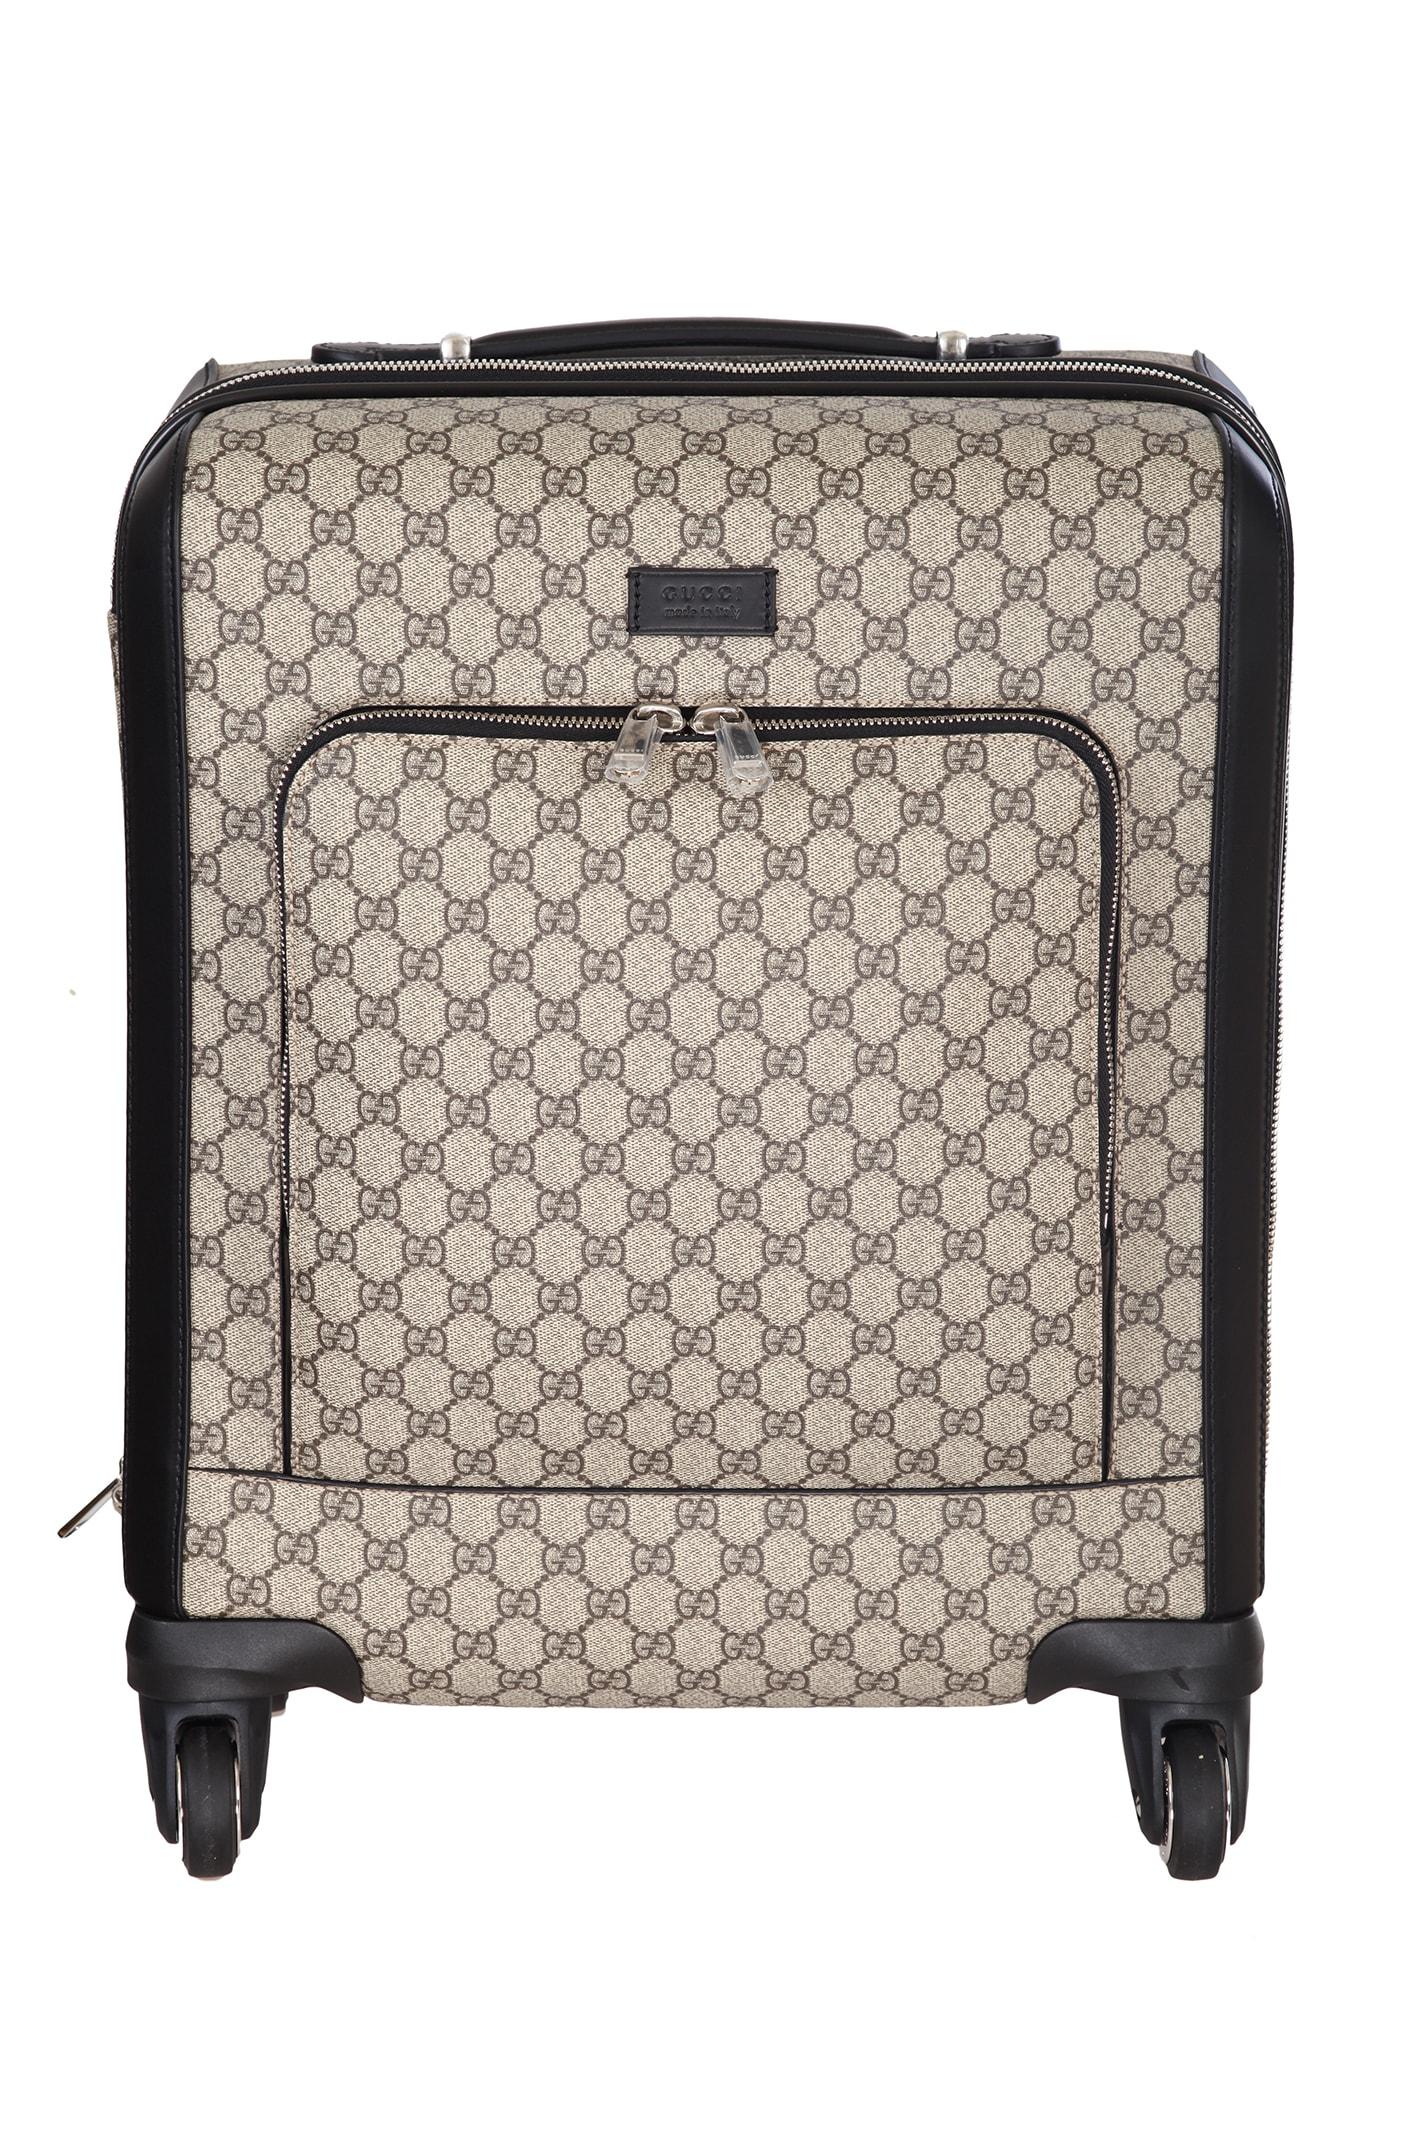 Gucci trolley